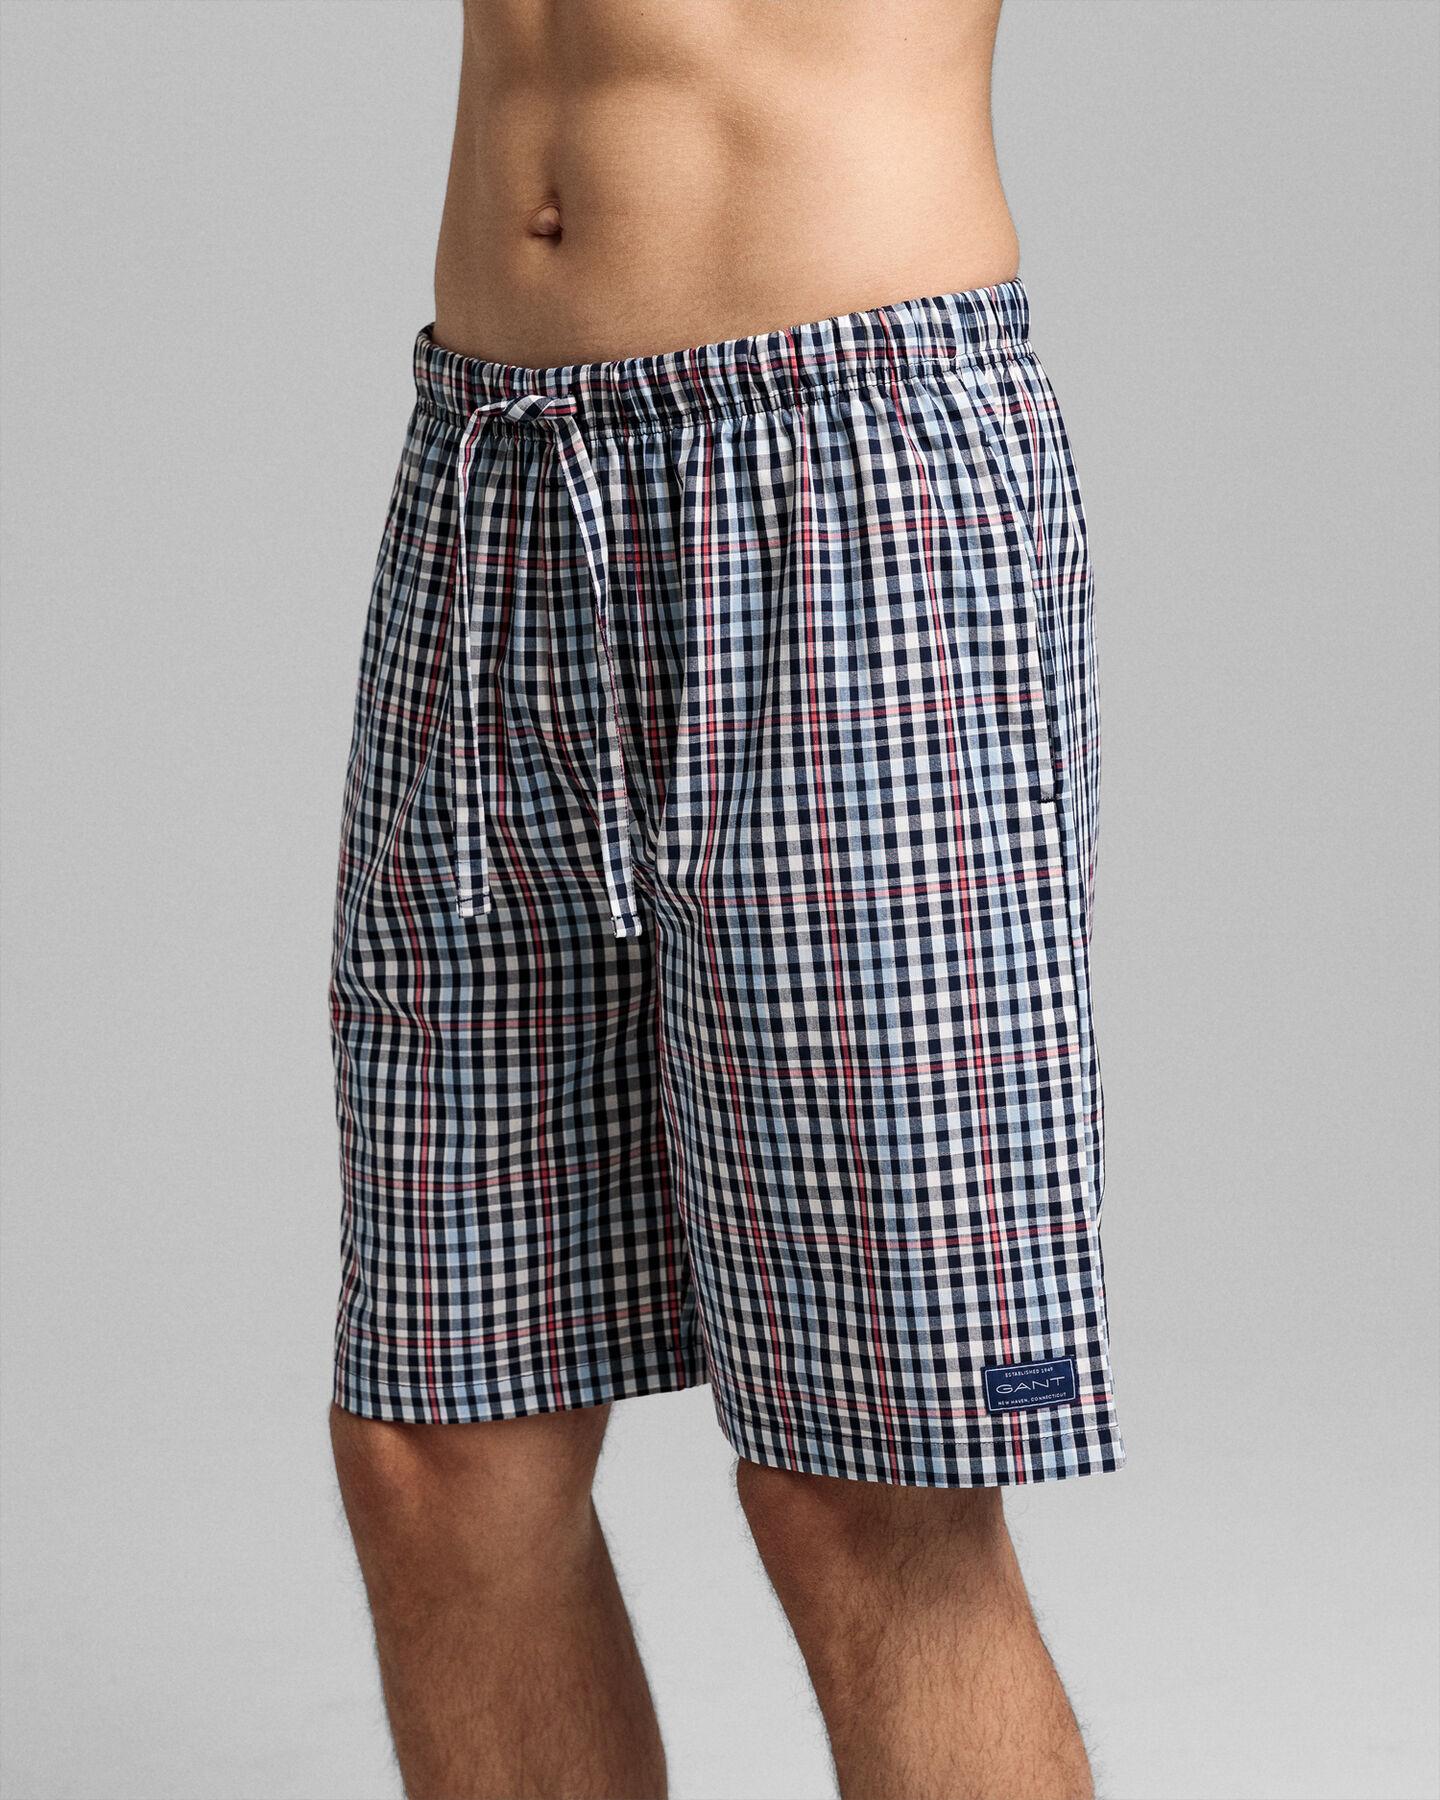 Big Check Pajama Shorts